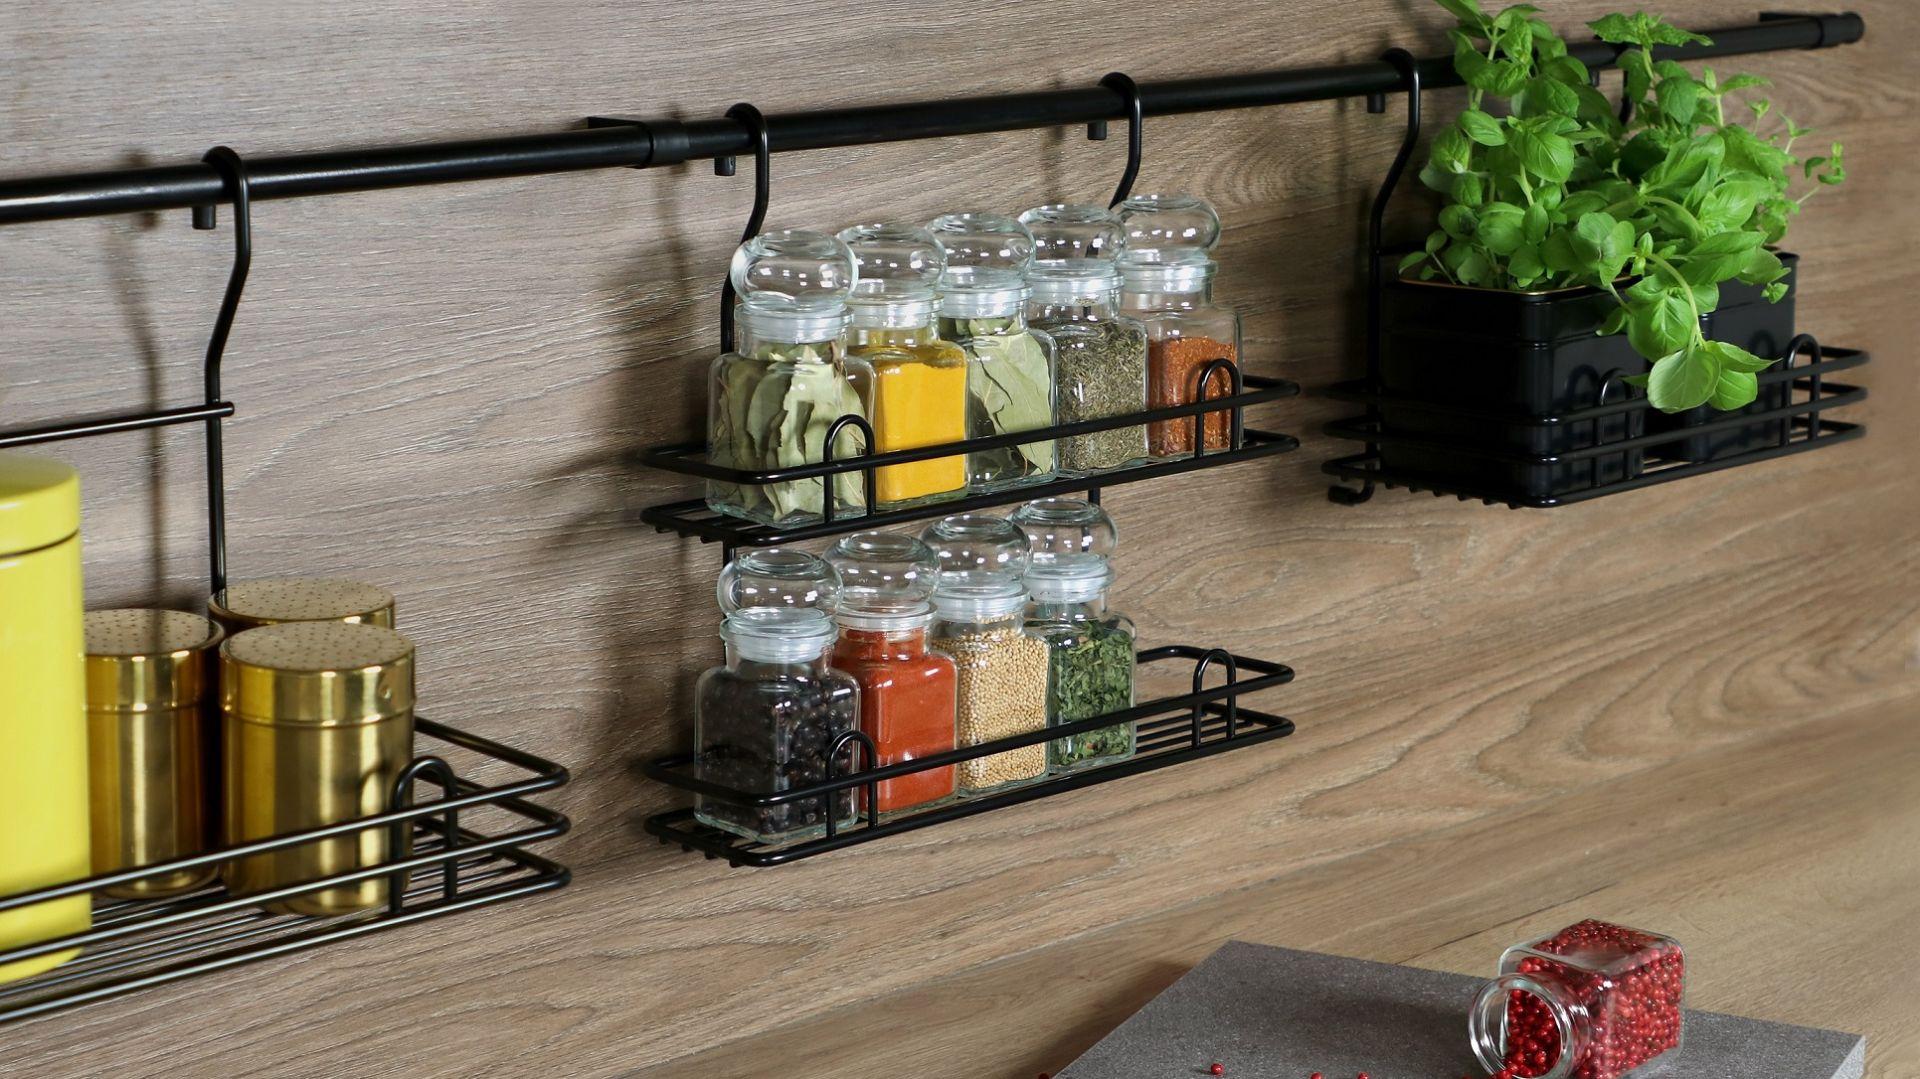 Montaż na ścianie nad blatem relingów sprawi, że najpotrzebniejsze w kuchni rzeczy zawsze będziemy mieć w zasięgu ręki. Fot. Rejs